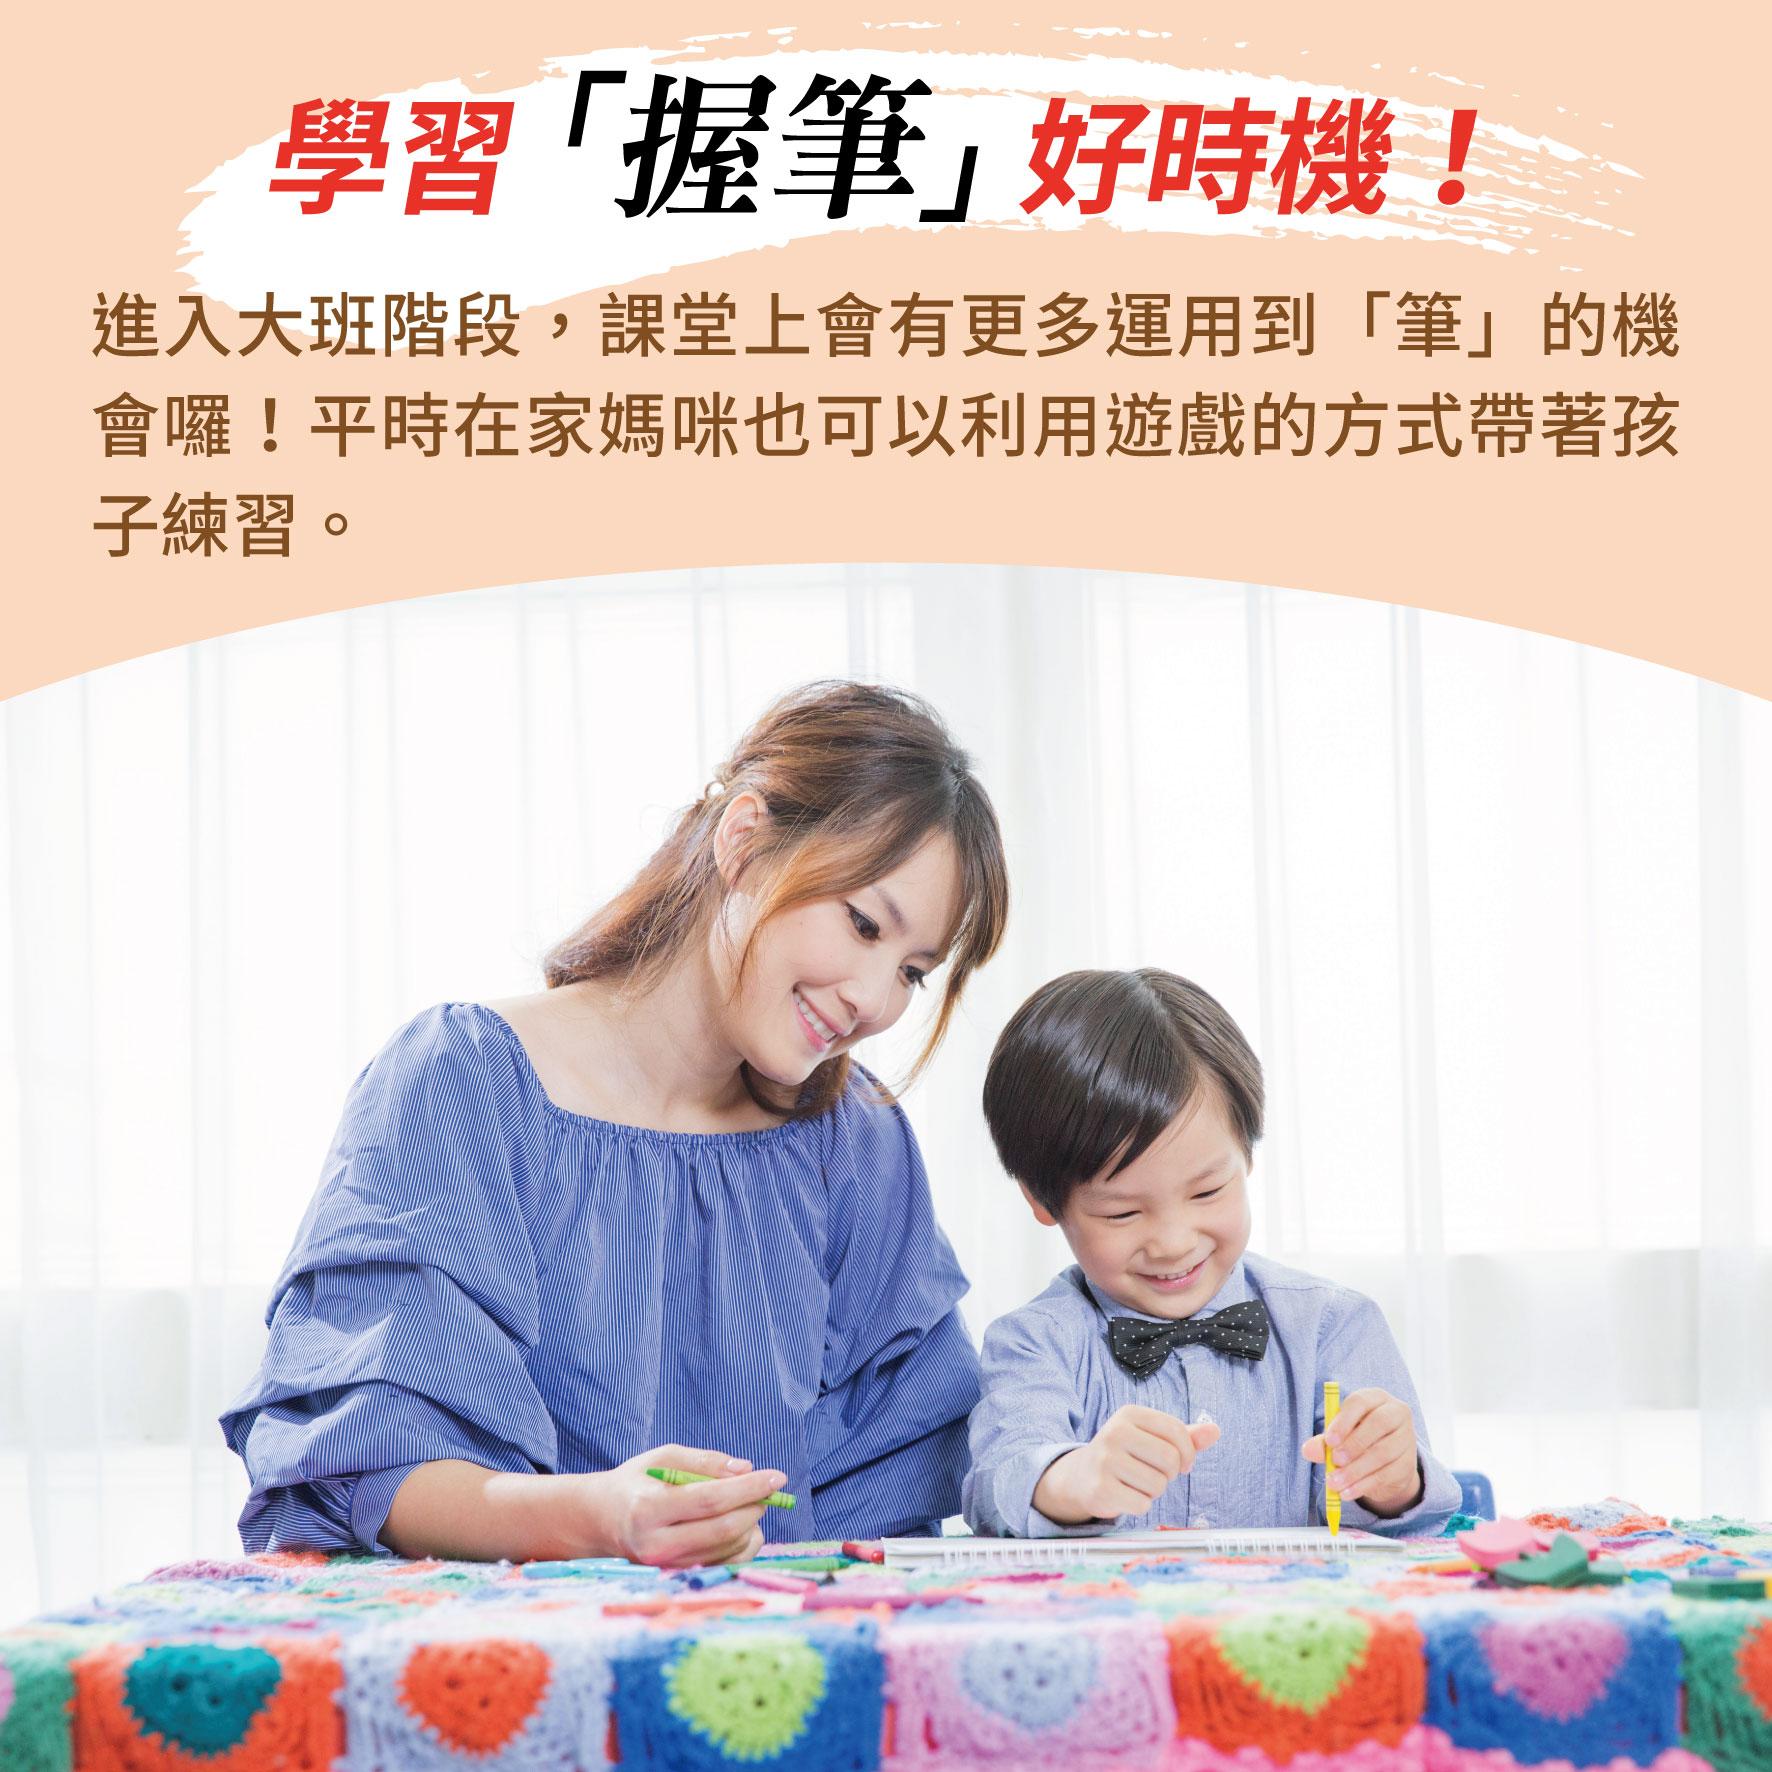 幼兒5歲(第18週)學習「握筆」好時機!